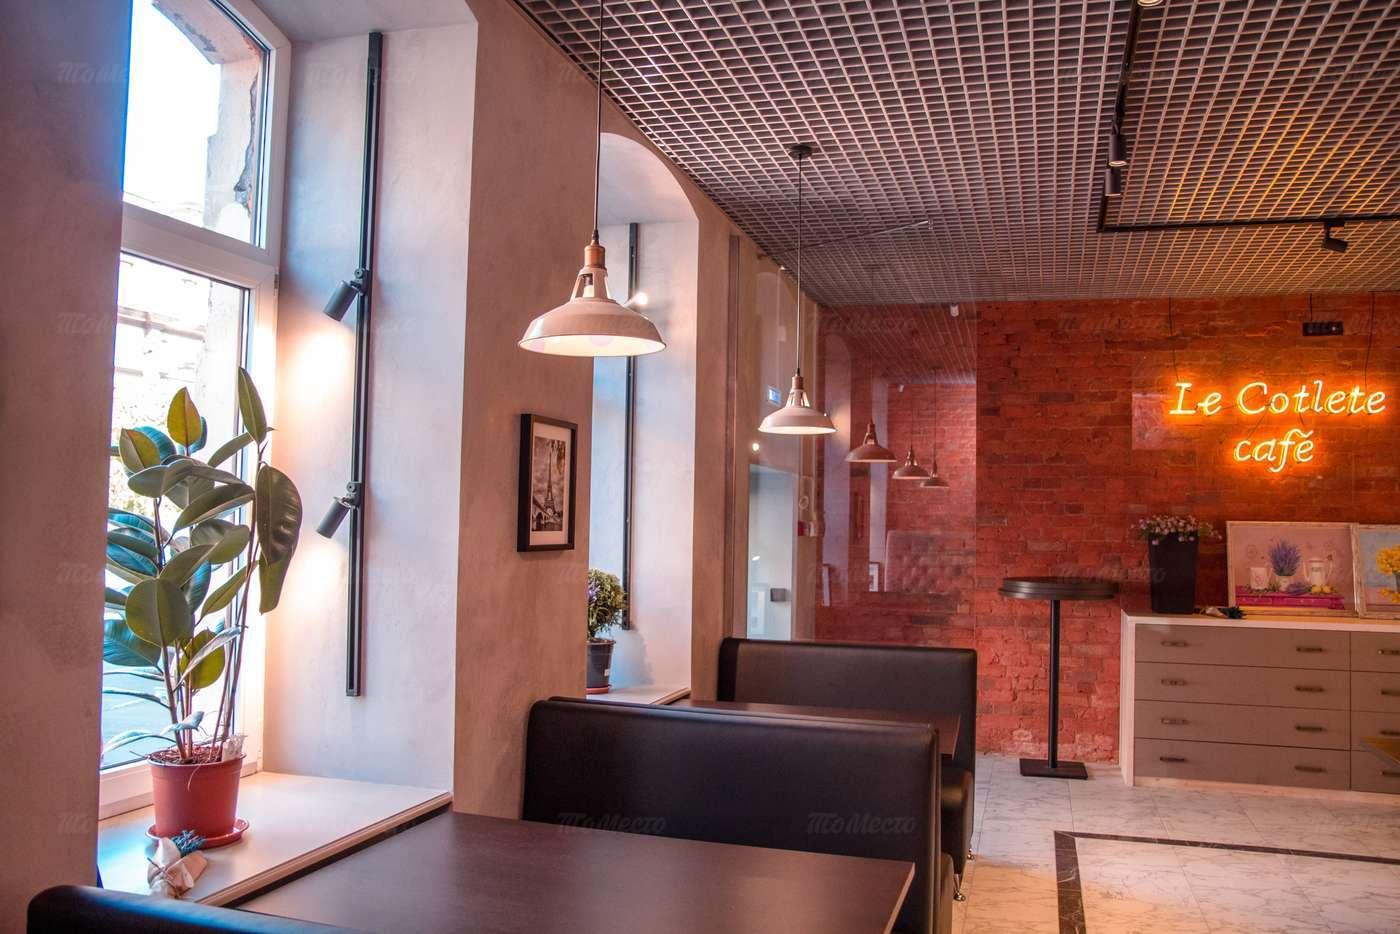 Кафе Le Cotlete Cafe на Чайковского